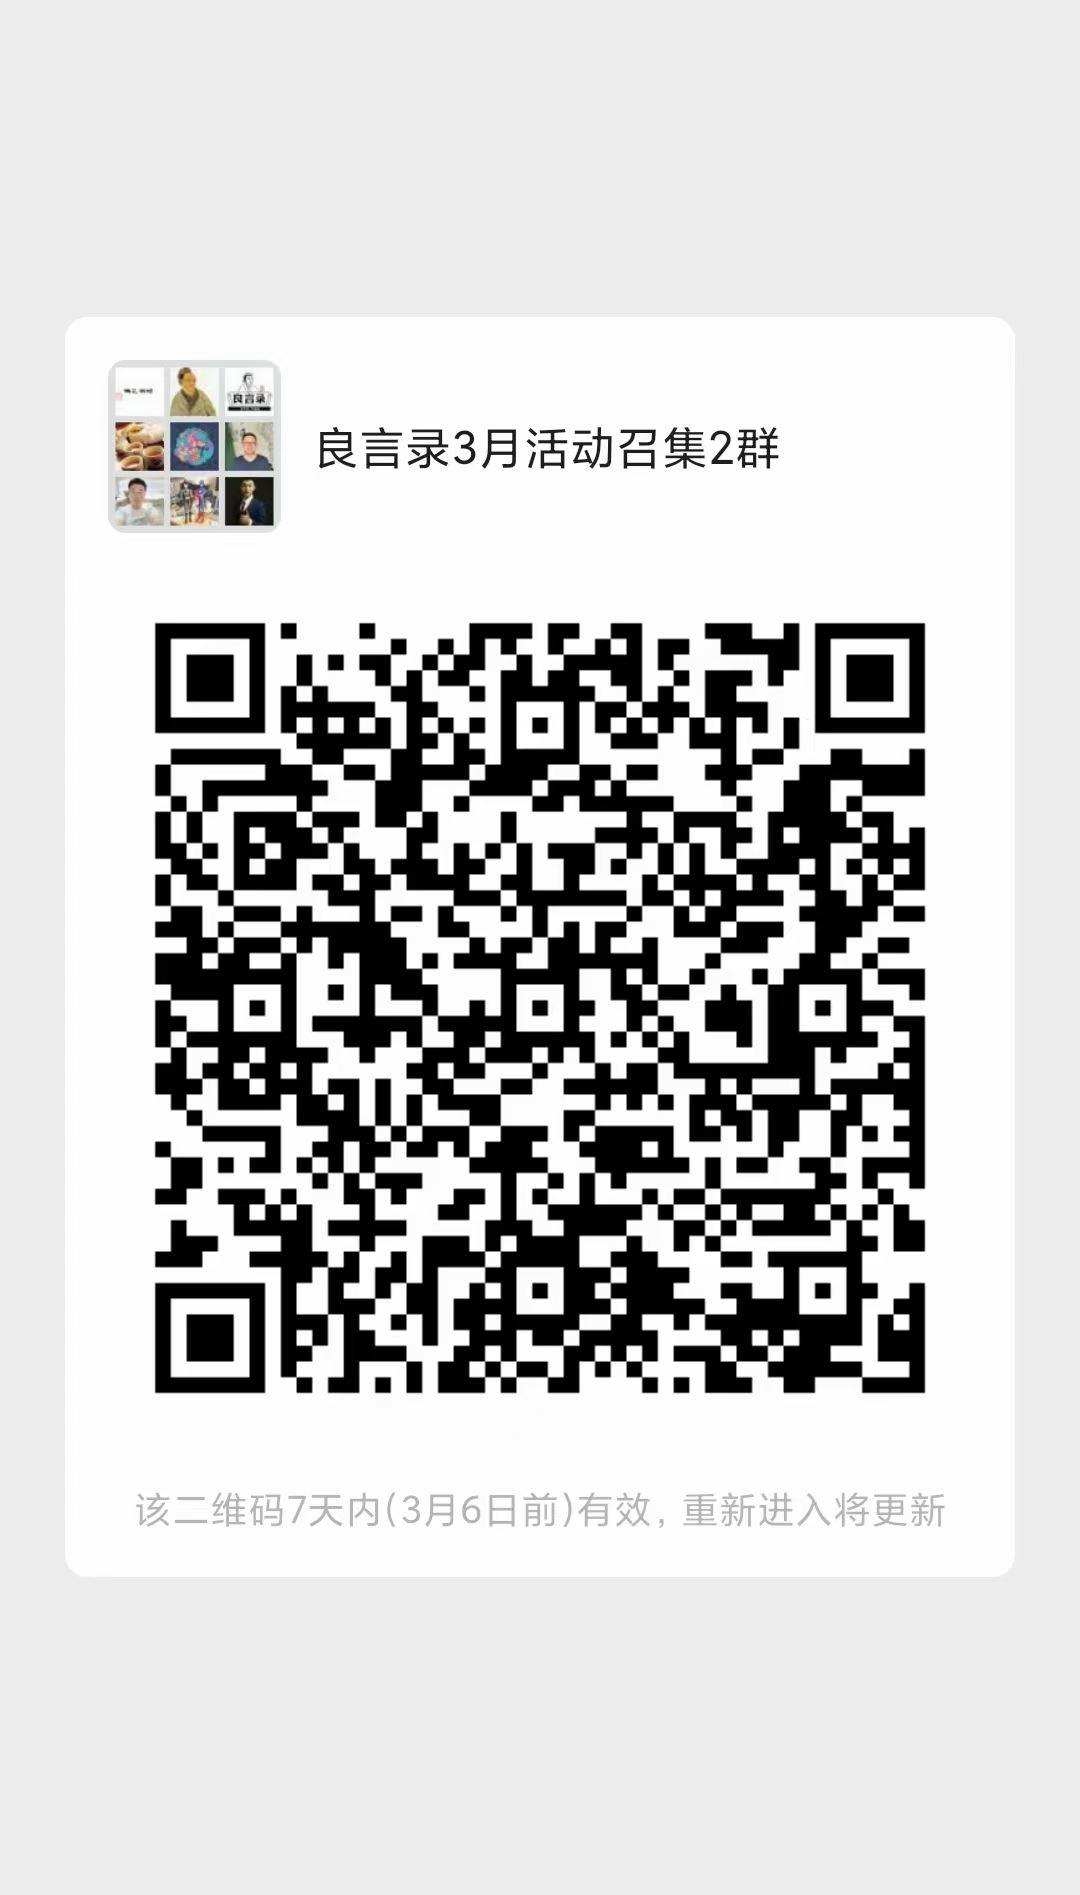 mmexport1614434588780.jpg